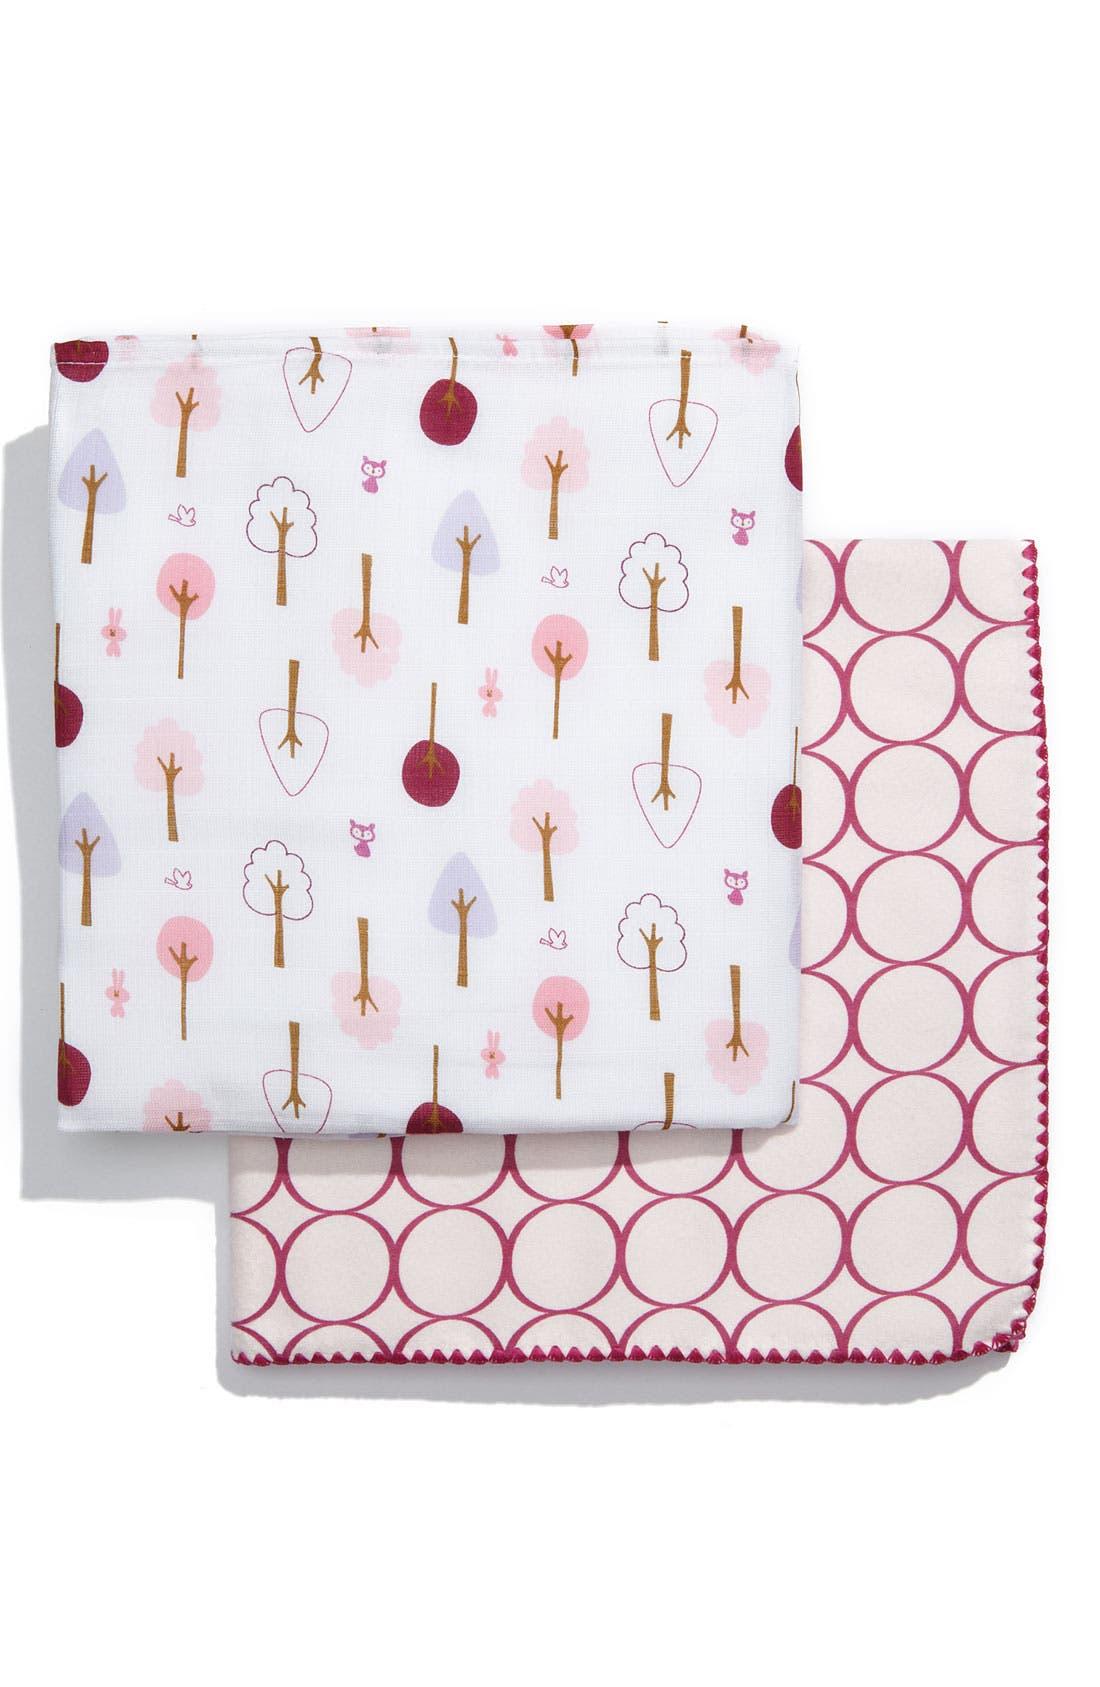 Alternate Image 1 Selected - Swaddle Designs Pattern Blanket (Set of 2)